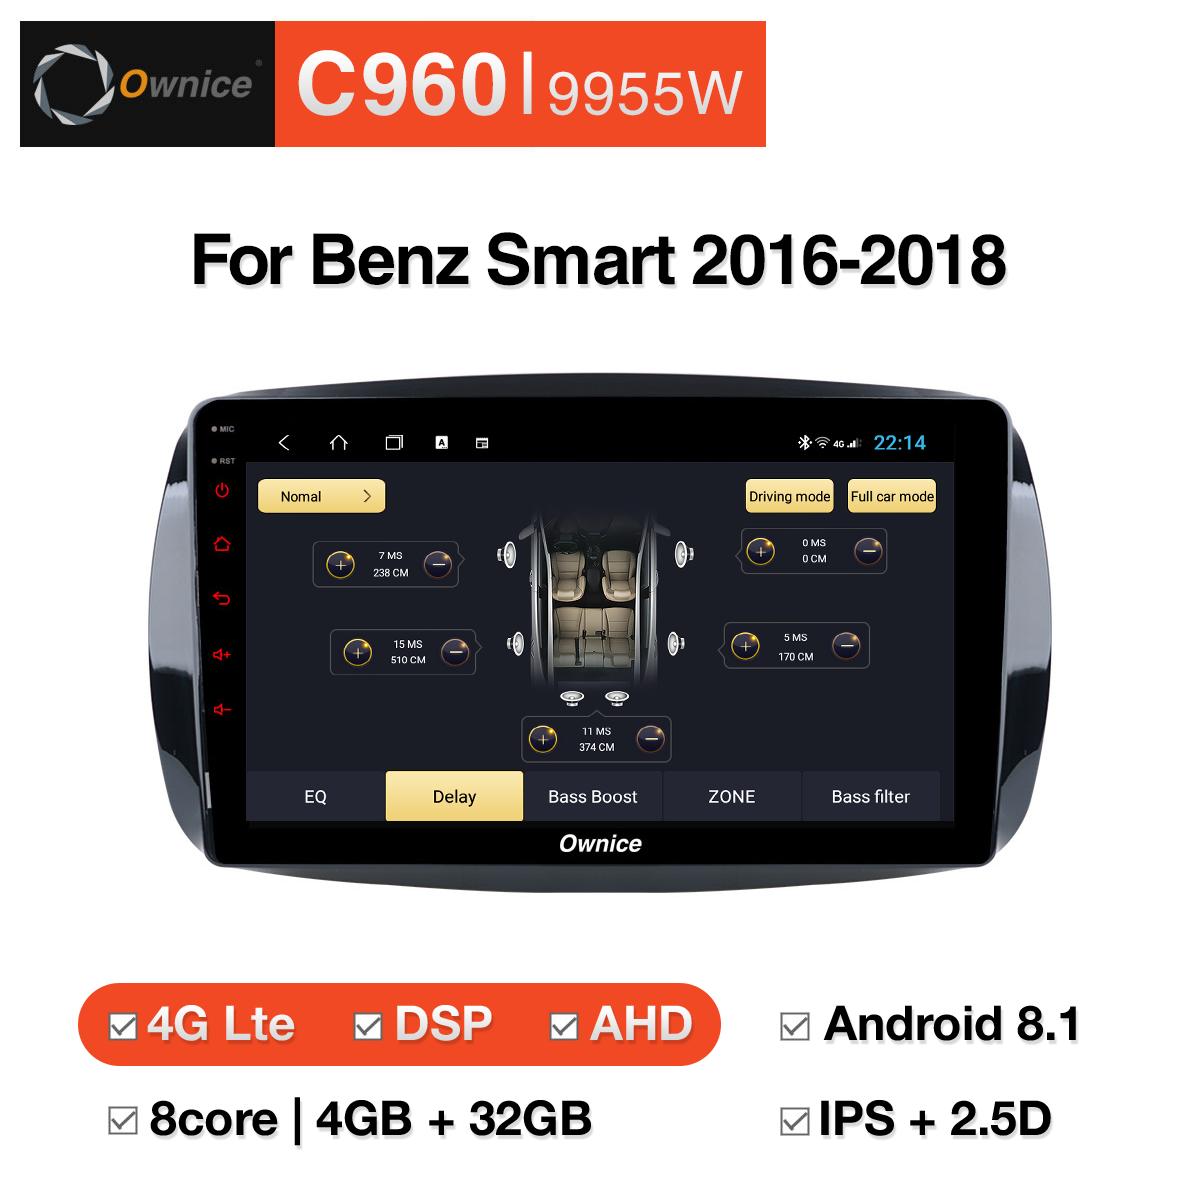 Đầu DVD android Ownice C960 cho xe ô tô Benz Smart 2016 - 2018